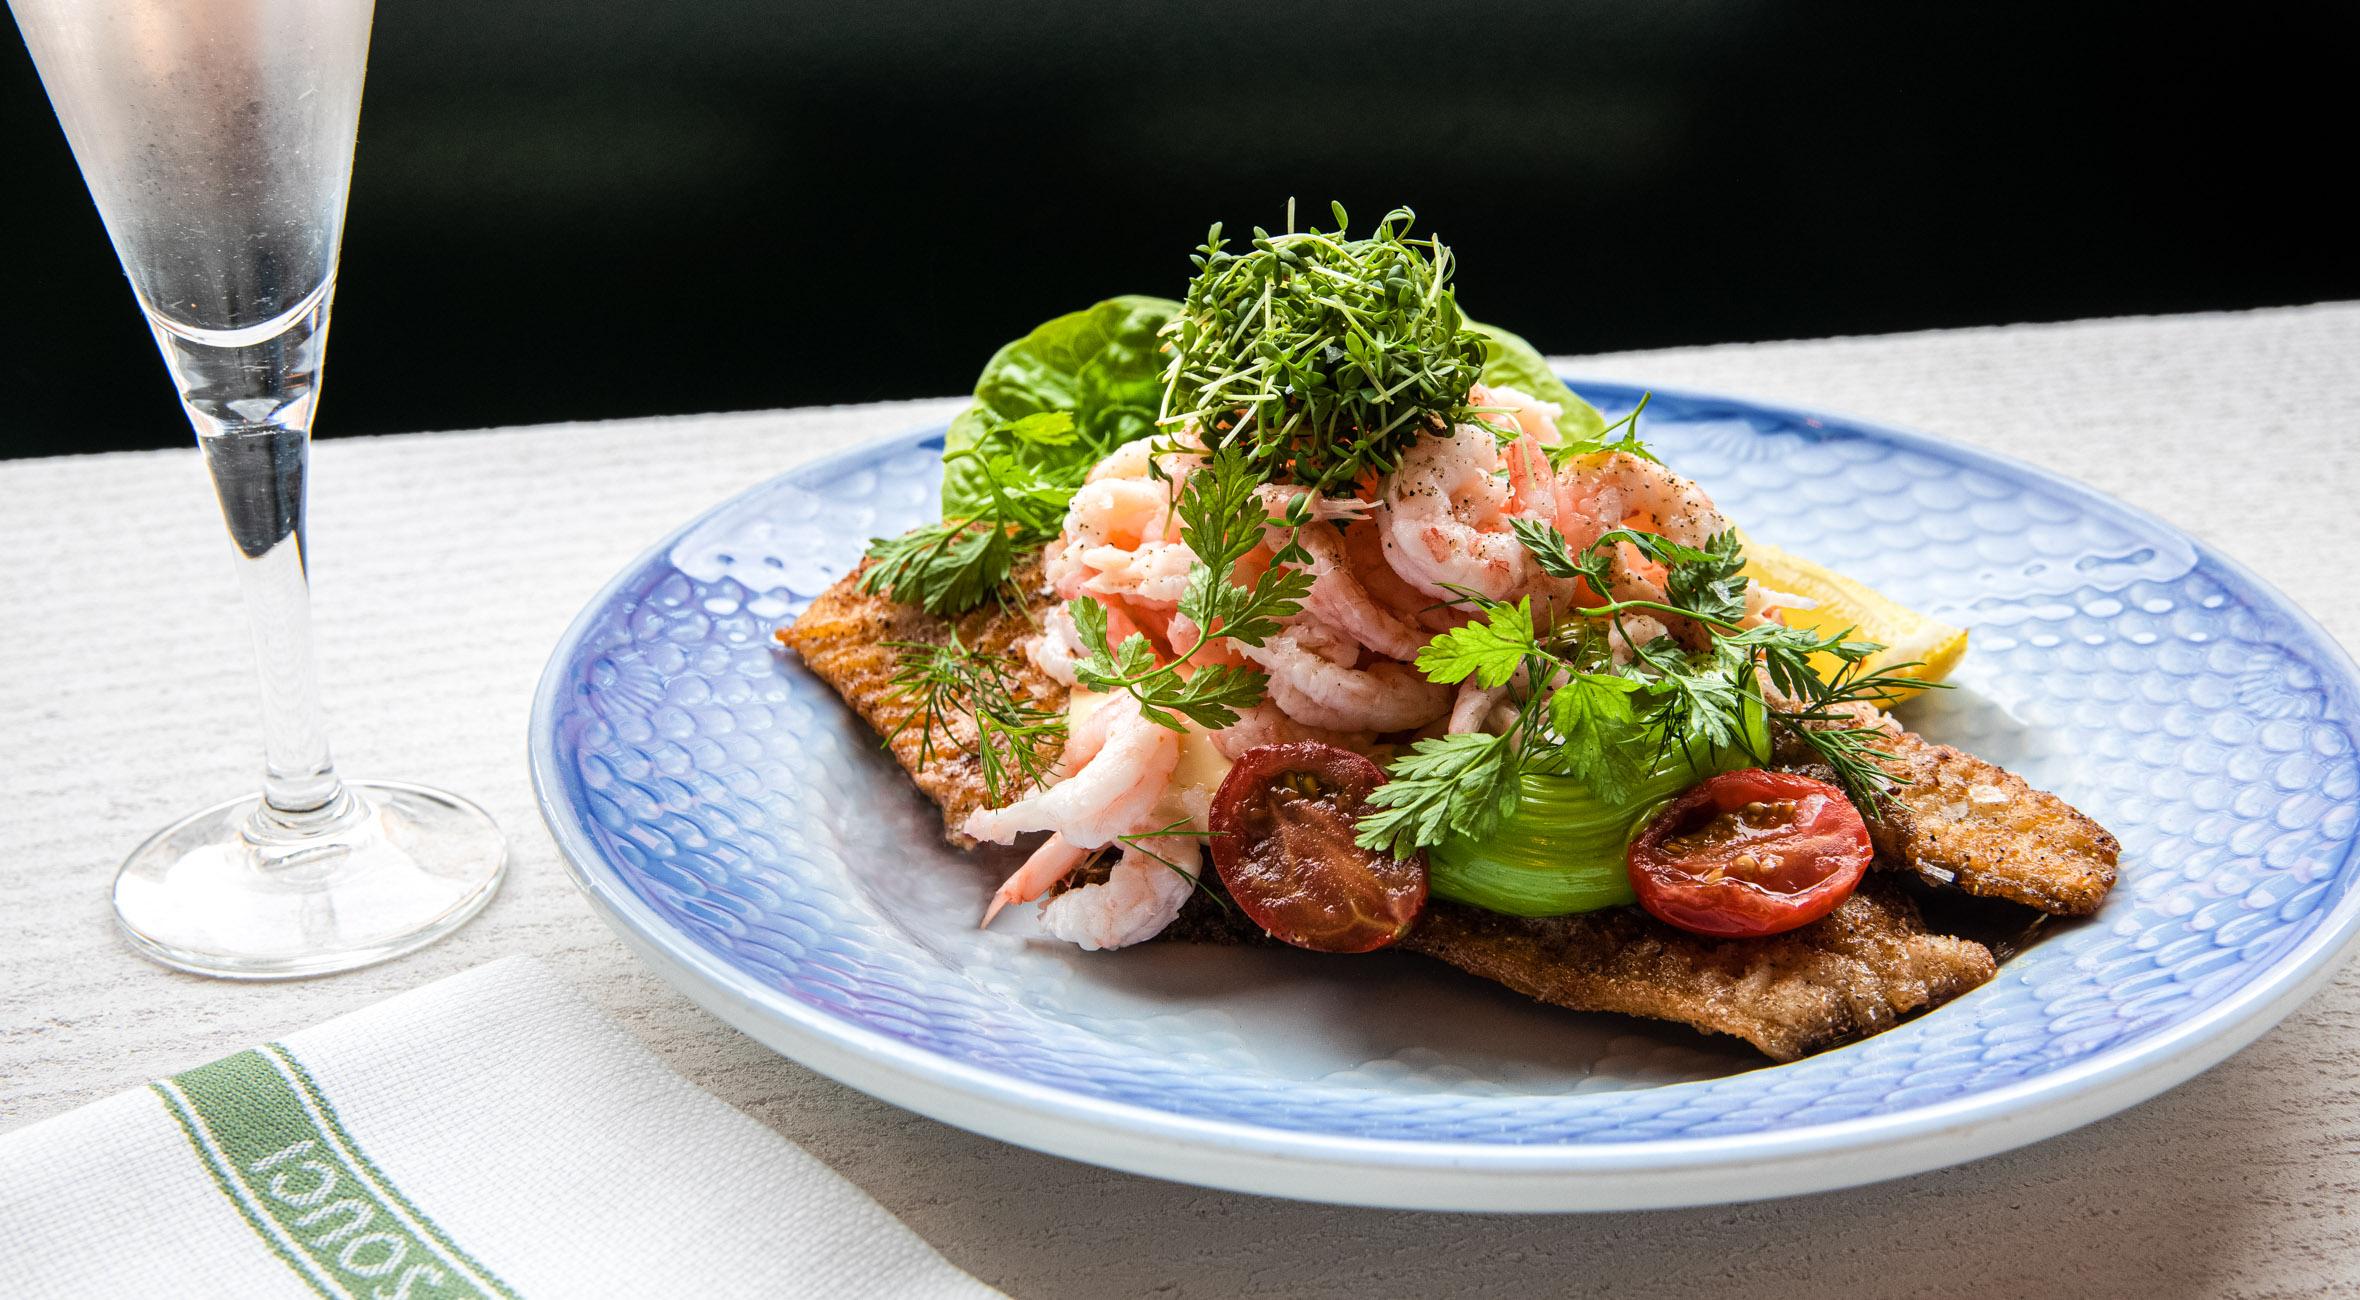 2 stk. smørrebrød hos Sans Souci på Frederiksberg – Én af landets ældste restauranter byder på smørrebrød i historiske omgivelser